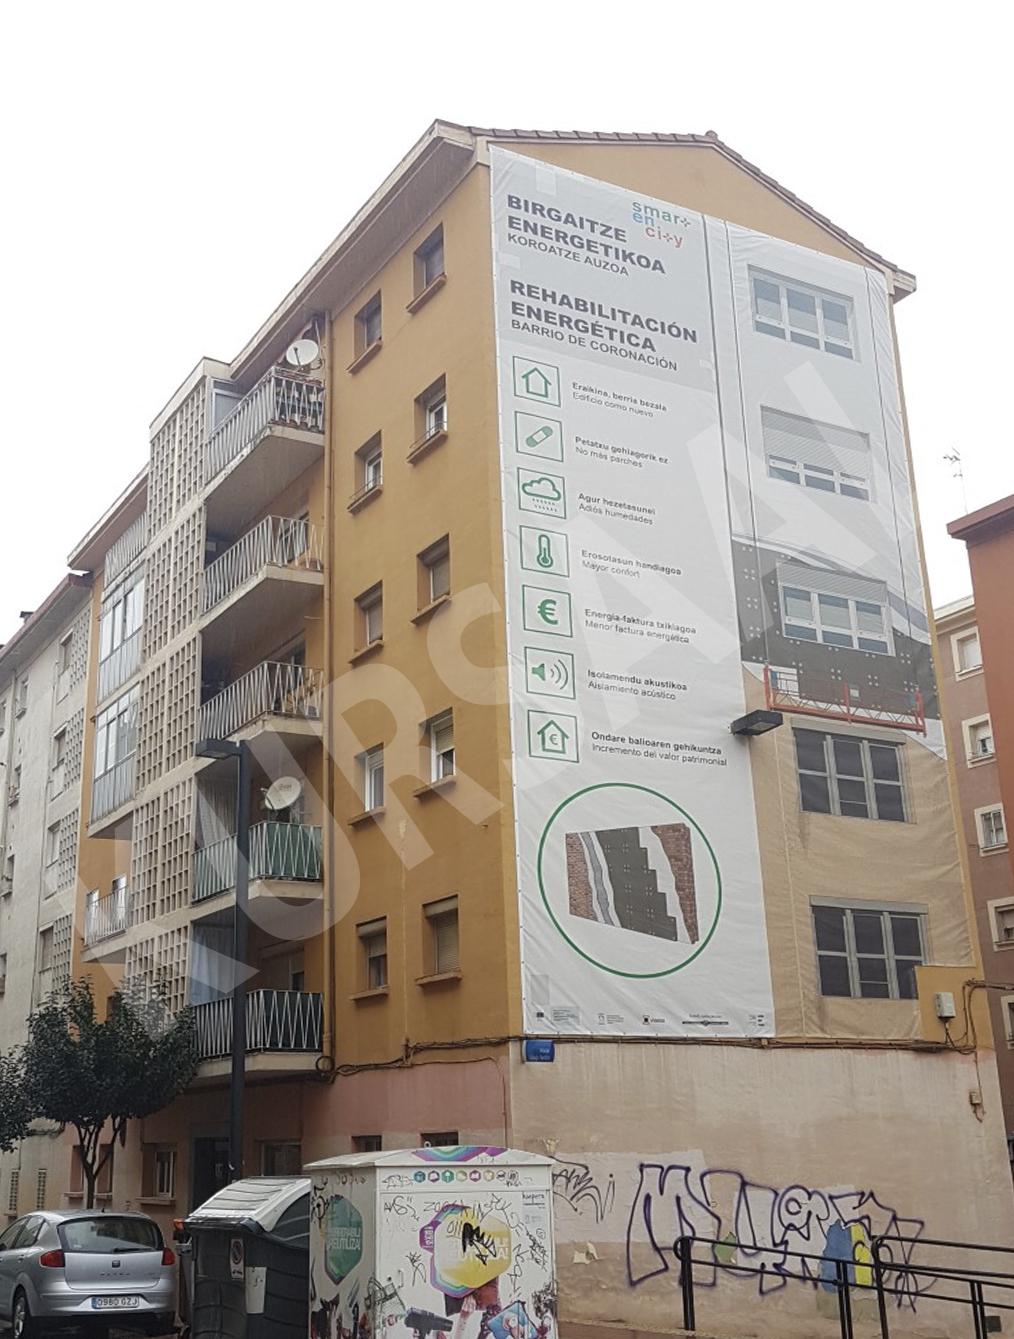 foto 3 - Aislamientos Térmicos y Eficiencia Energética-Eulogio Serdán-Vitoria